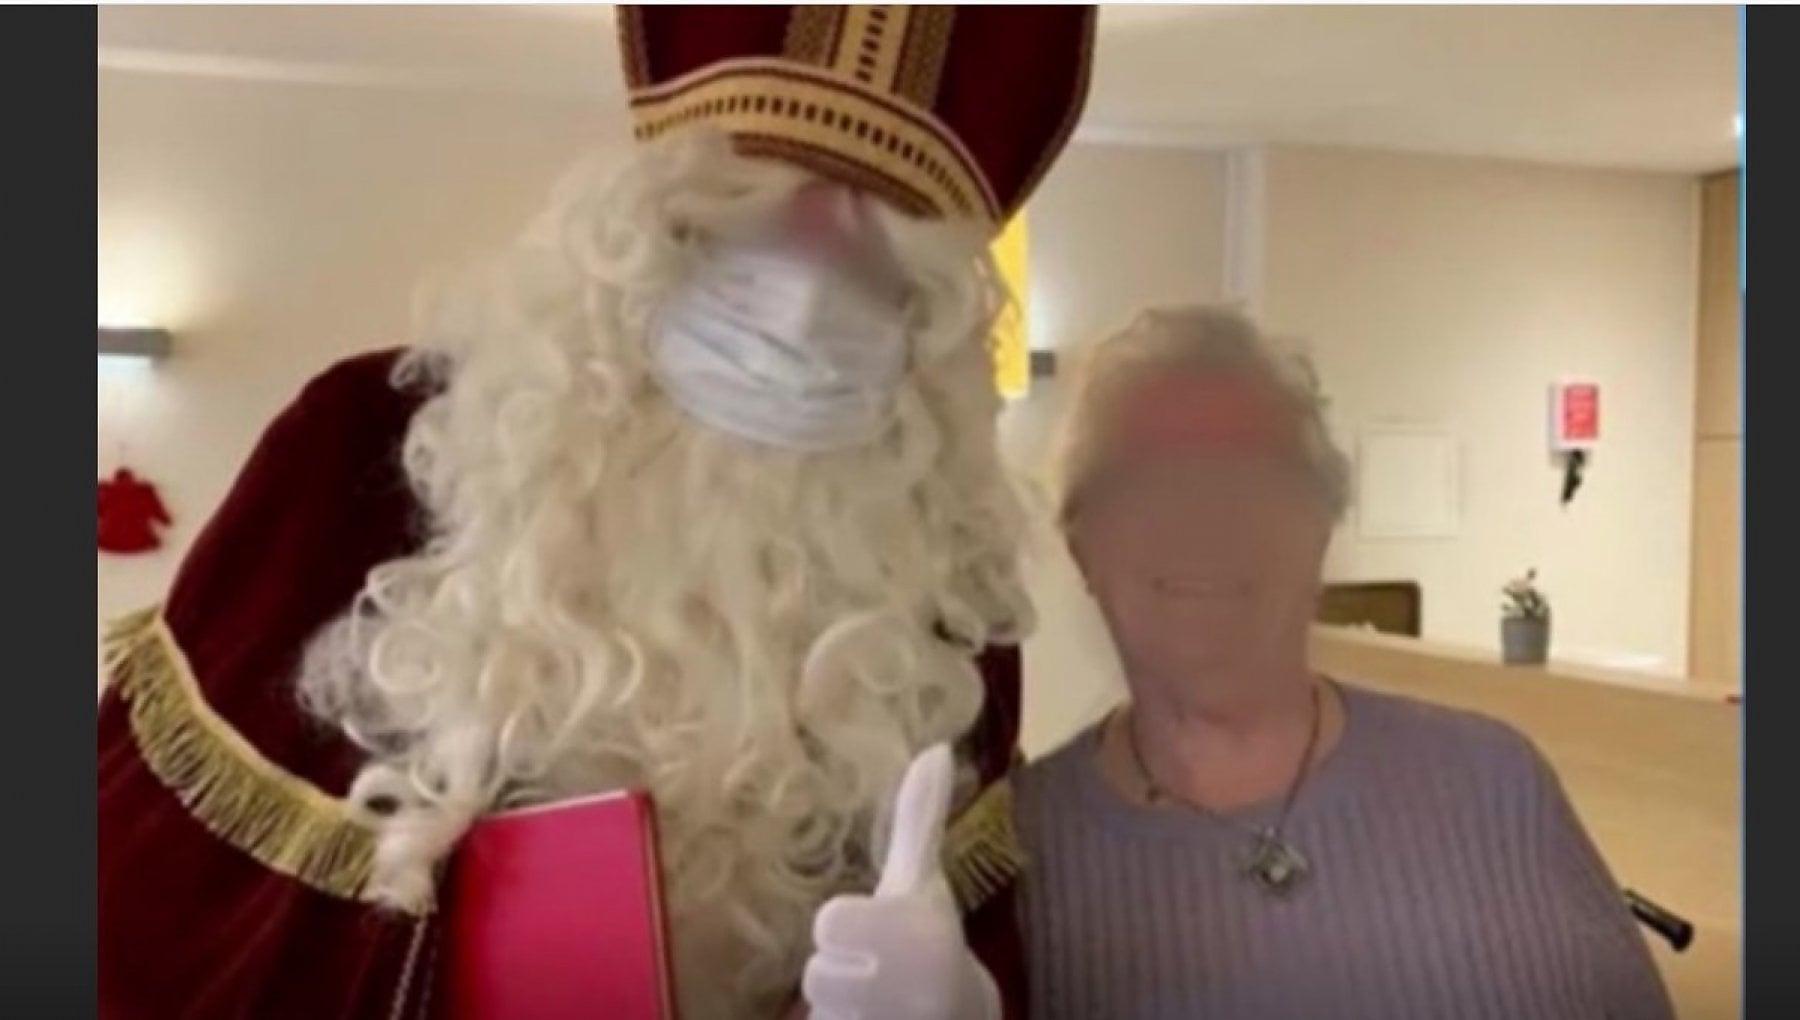 Babbo Natale visita una casa di riposo 26 vittime di Covid in Belgio